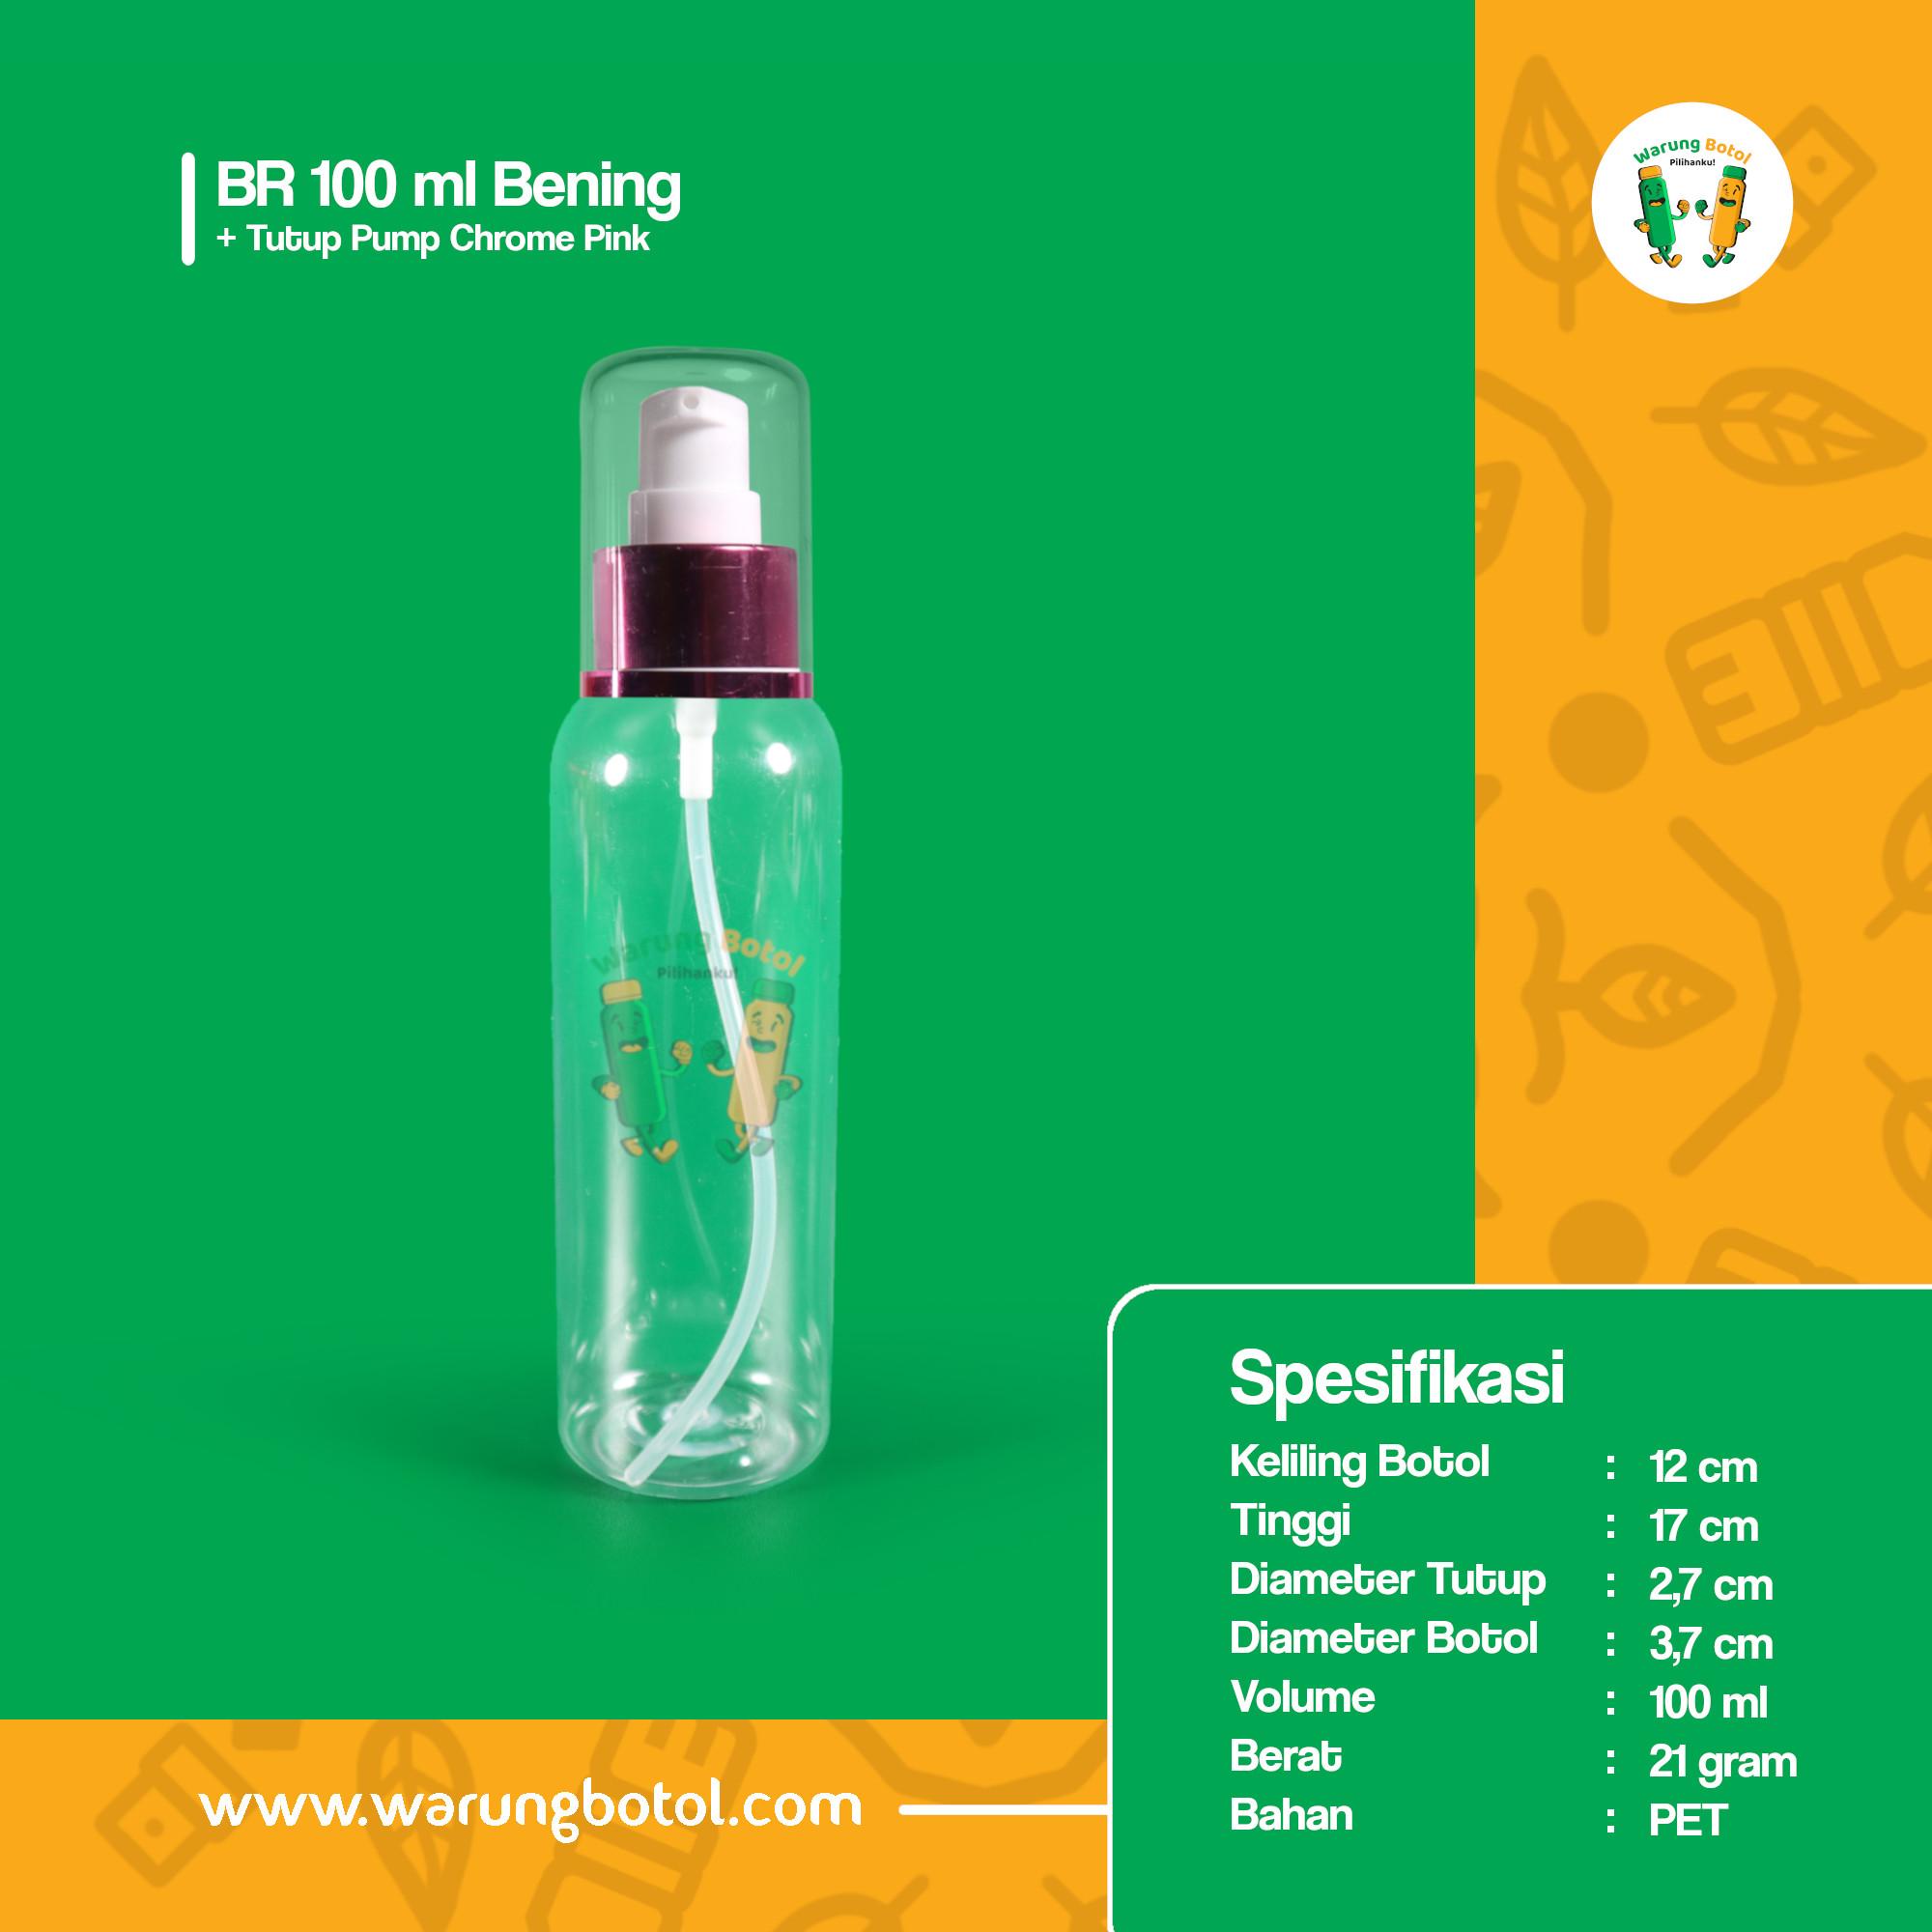 distributor jual botol plastik spray untuk handsanitizer 100ml bening murah terdekat di bandung jakarta bogor bekasi